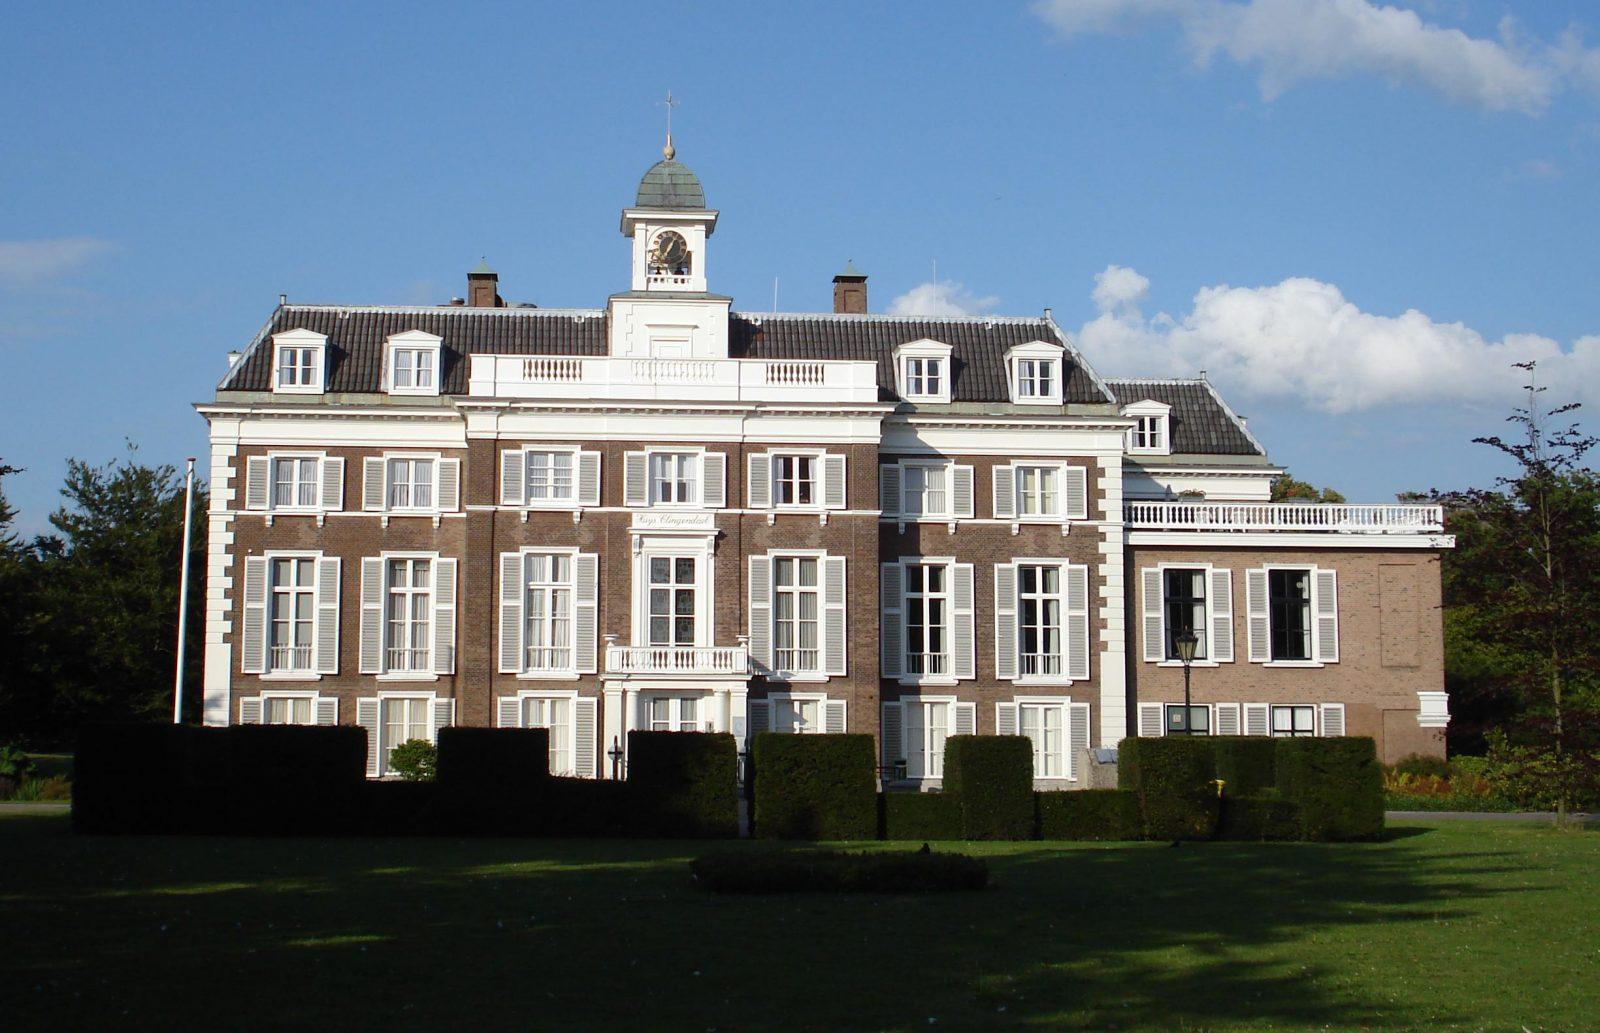 Clingendael Landhuis